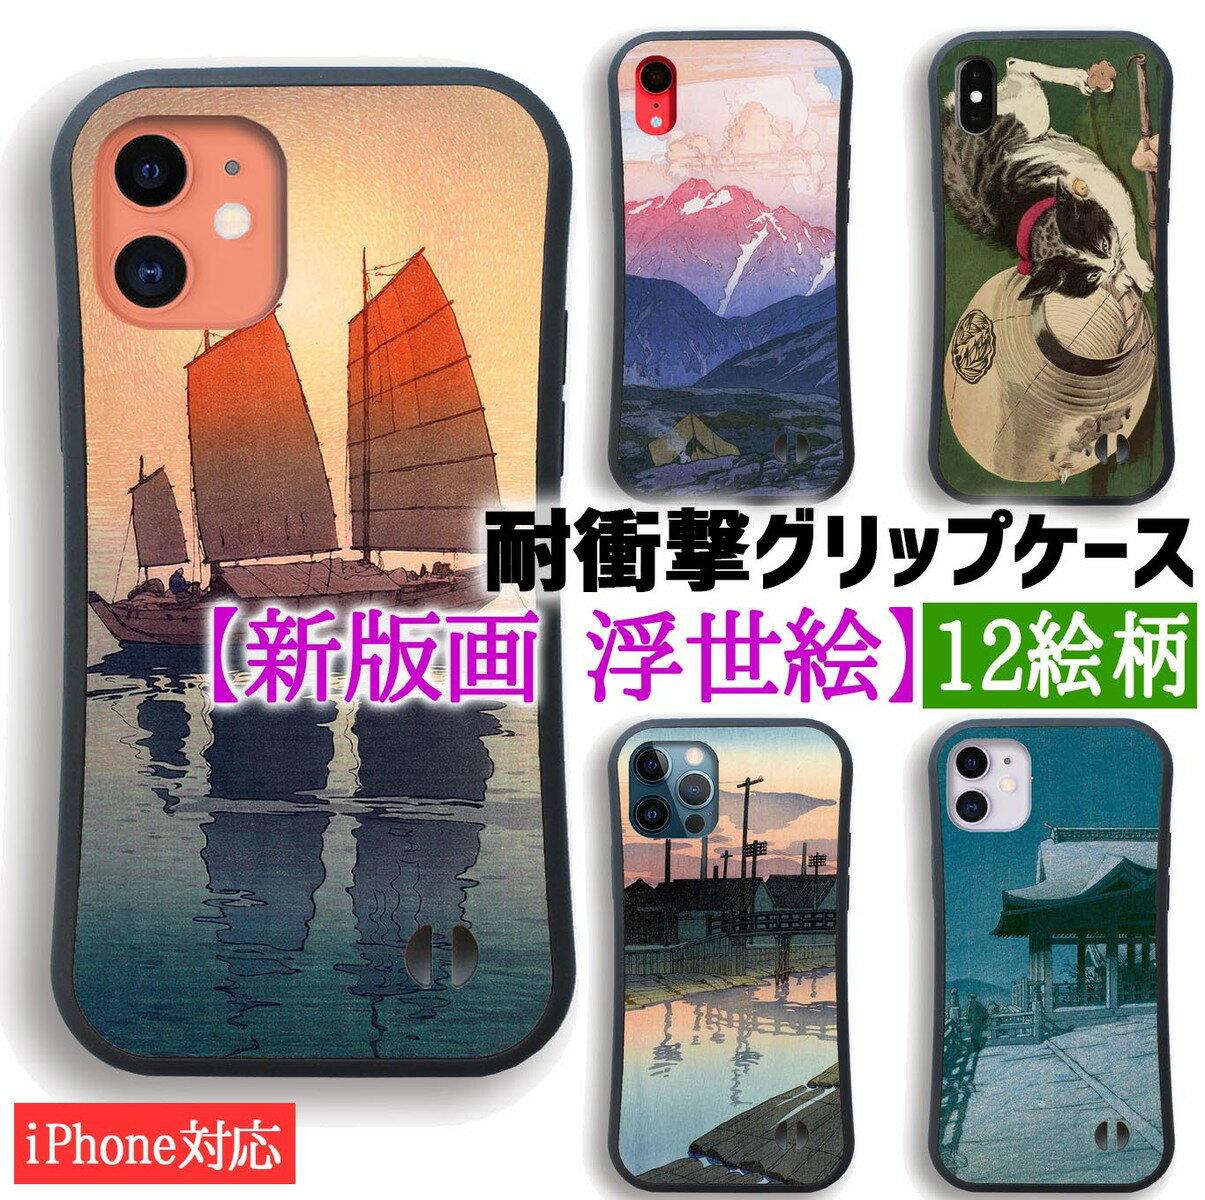 スマートフォン・携帯電話アクセサリー, ケース・カバー  iPhone iPhoneSE2 2 iPhone12 iPhone13